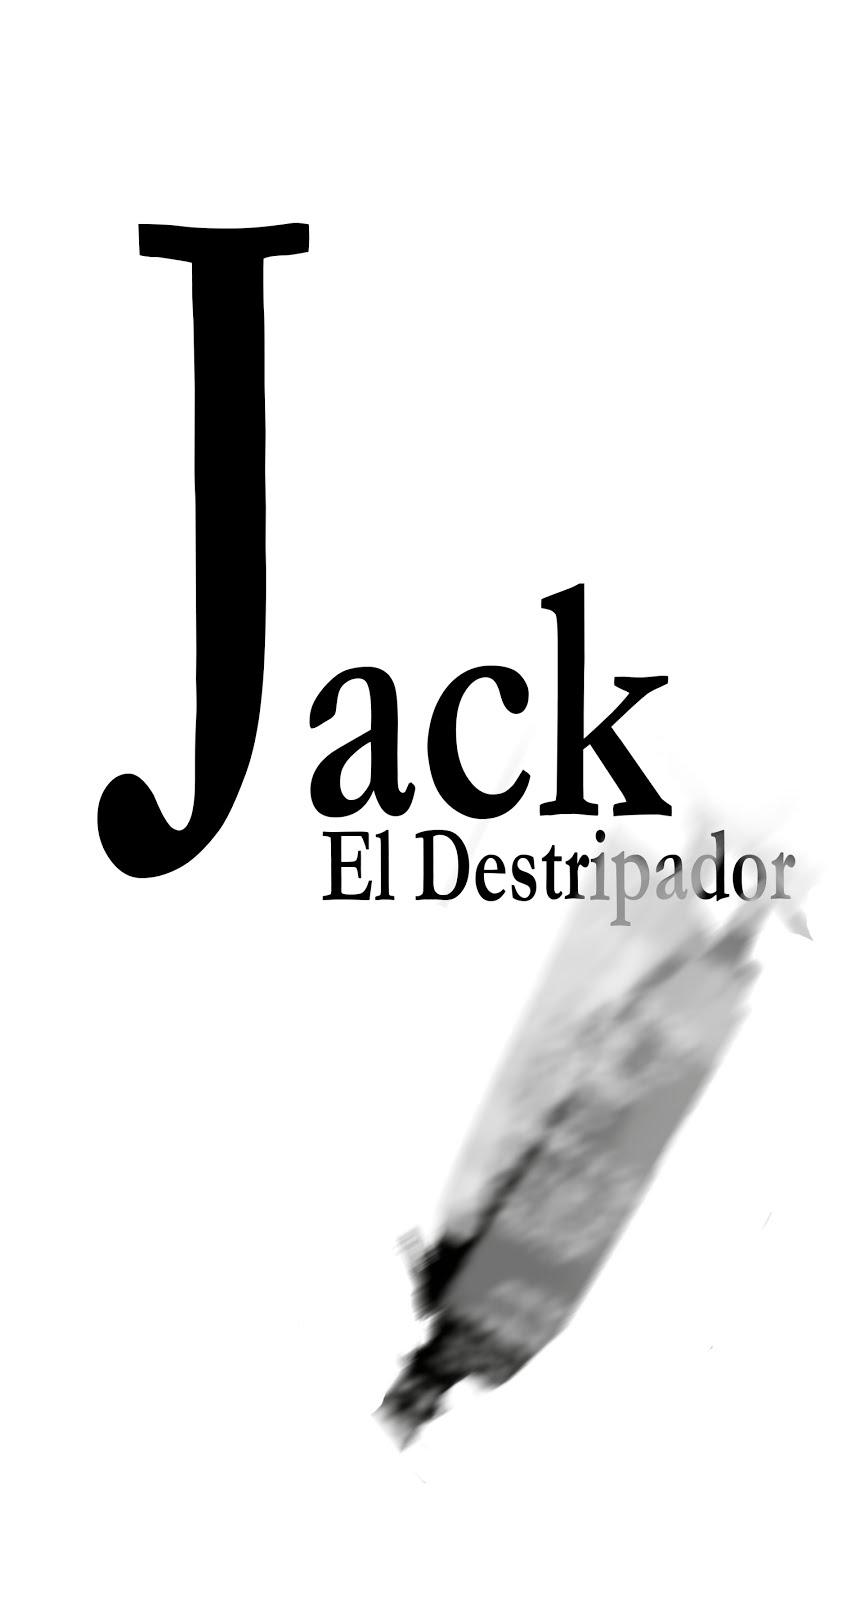 JACK... ¡ha vuelto!